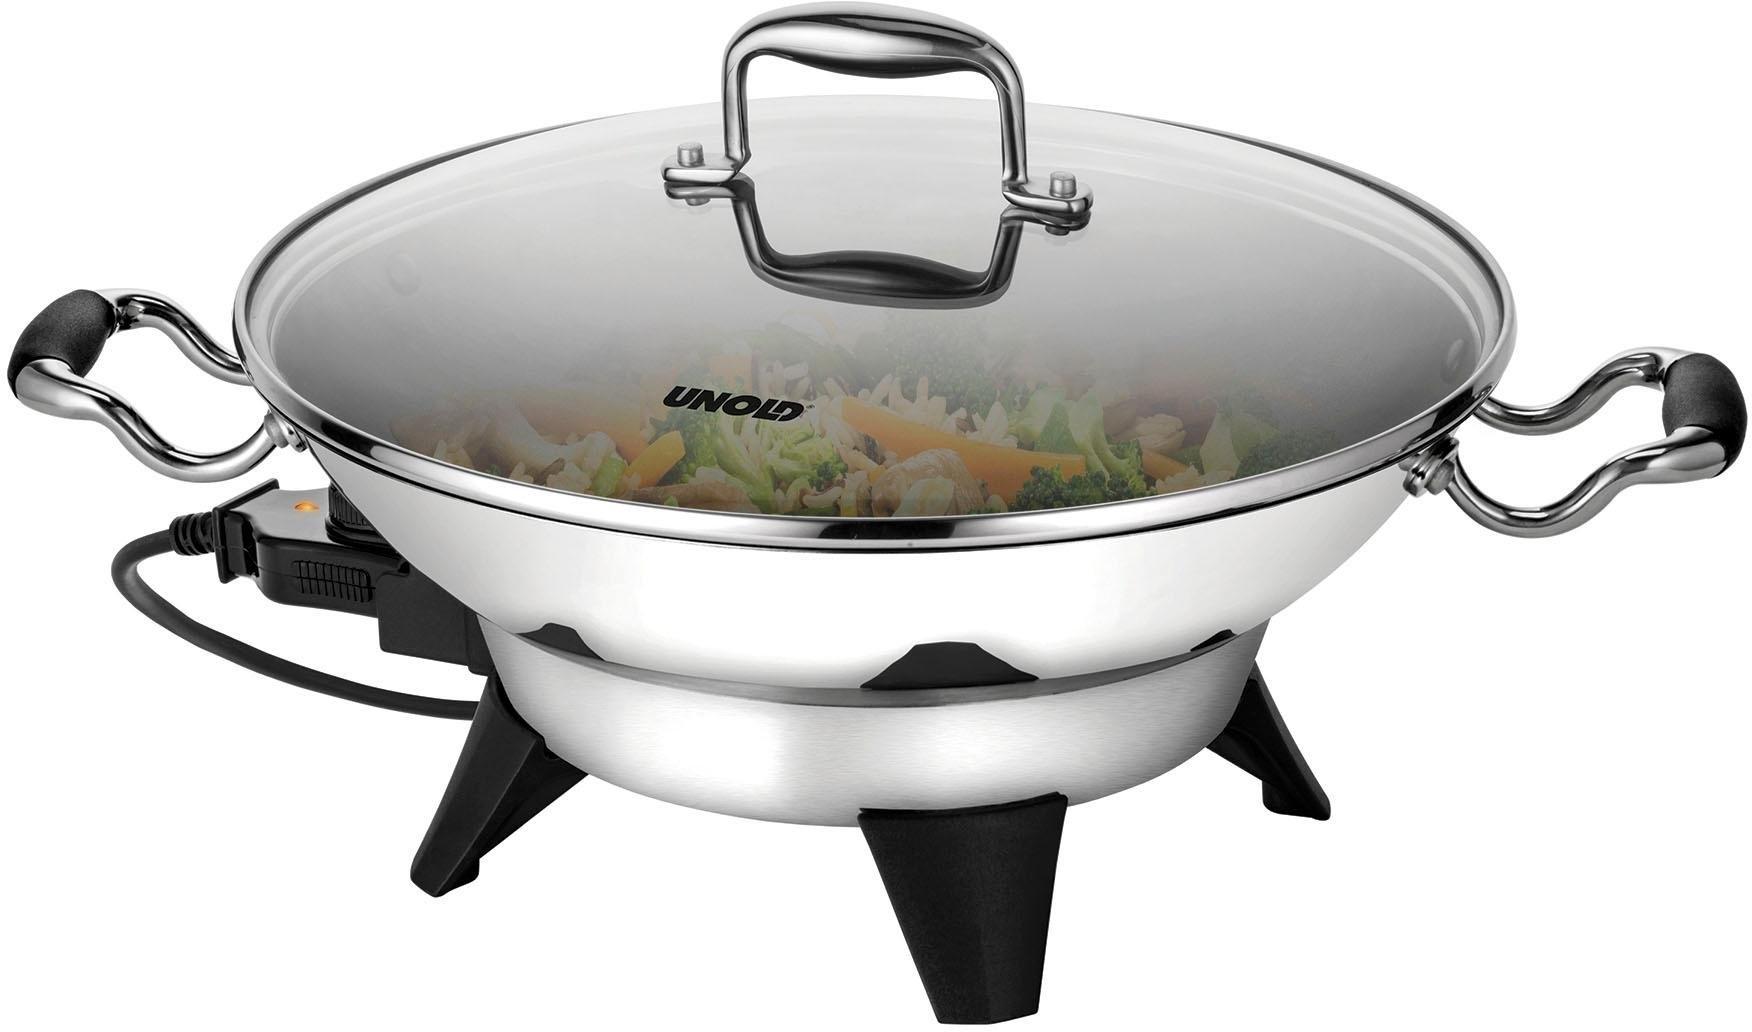 Unold elektrische wokpan Edel 48736, 1800 watt - gratis ruilen op otto.nl